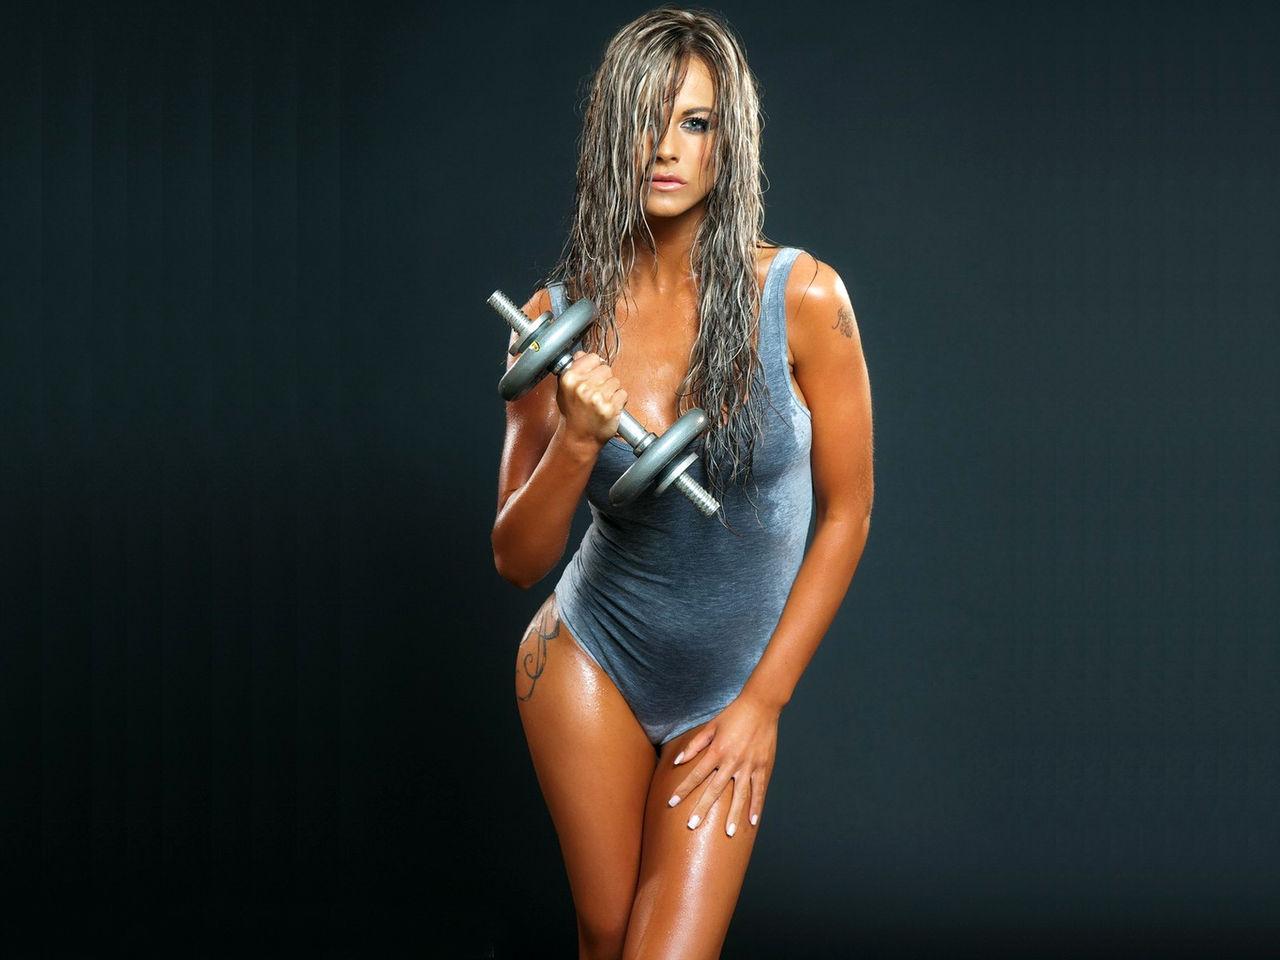 Понимала, спортивные телочки фото враз оживленно